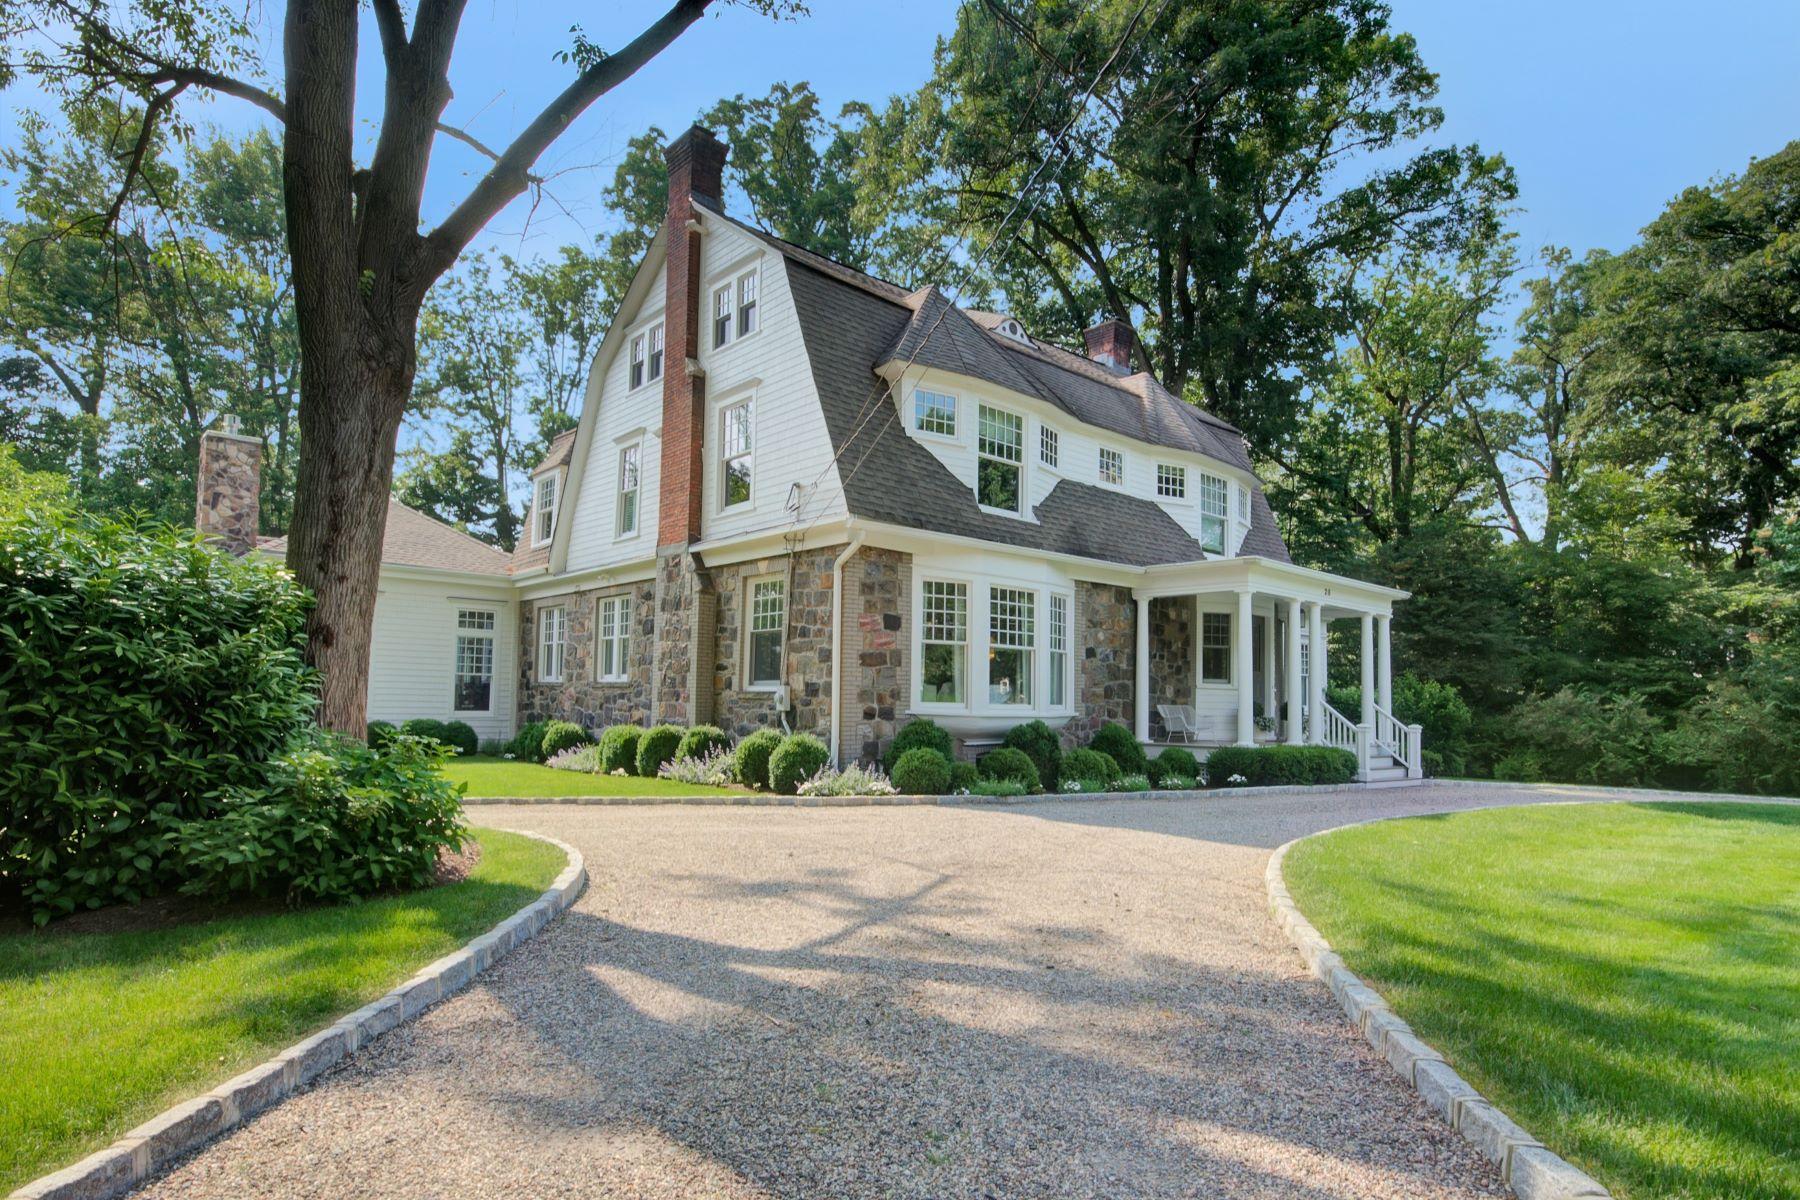 Частный односемейный дом для того Продажа на Live Artfully 28 Hill Crest Avenue, Summit, Нью-Джерси 07901 Соединенные Штаты